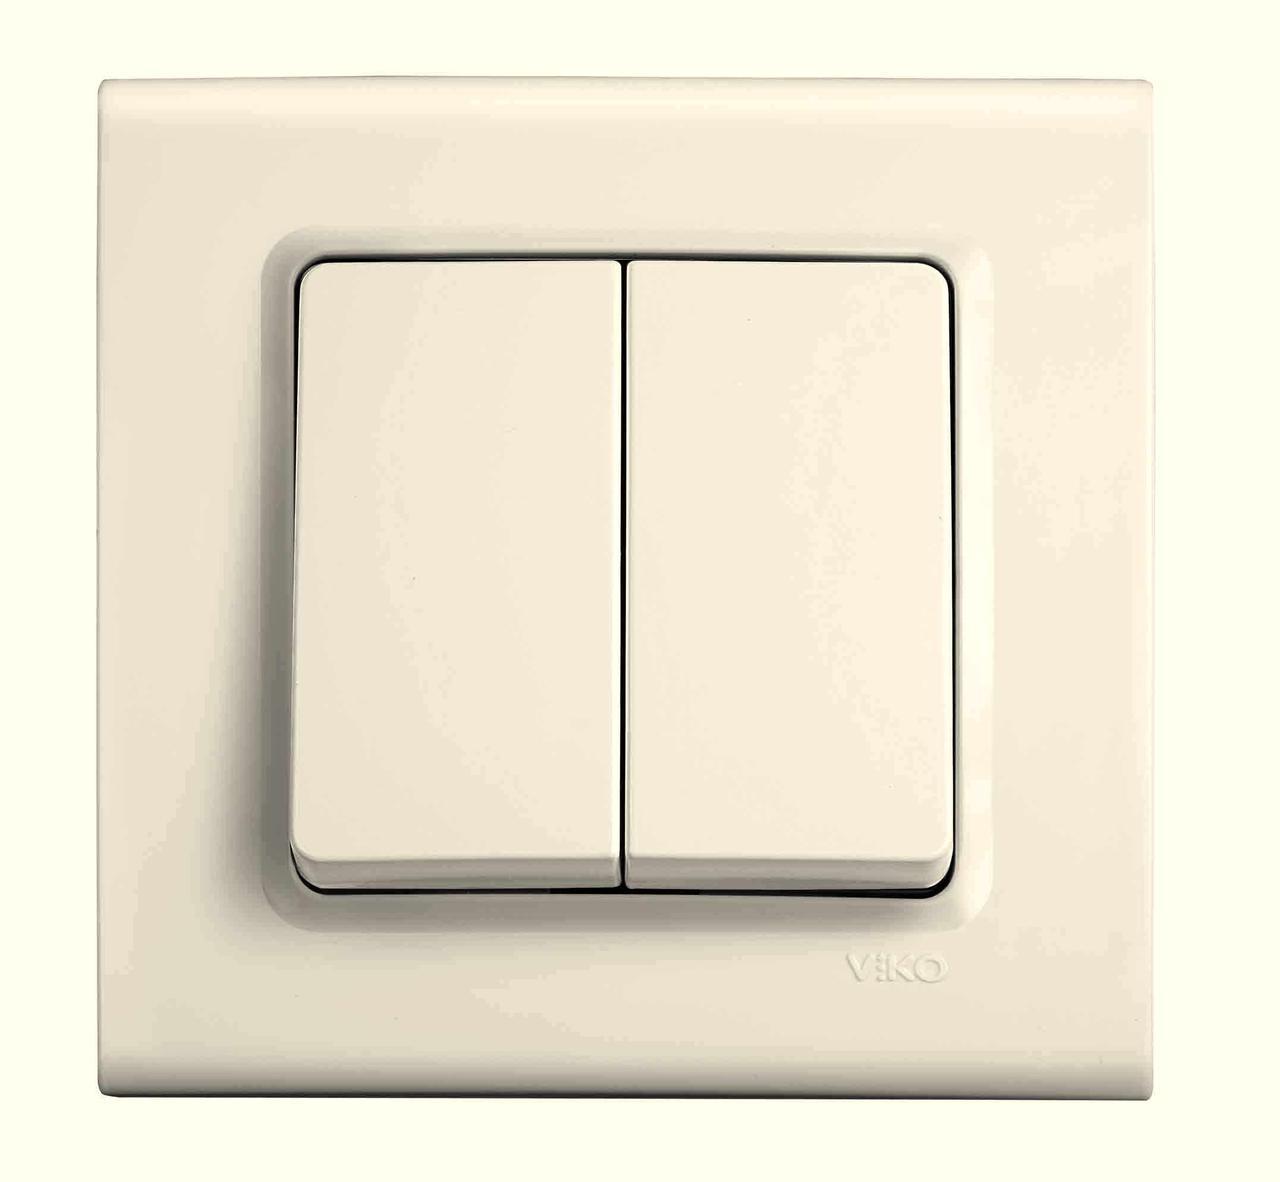 Выключатель двухклавишный VIKO Linnera Крем (90401002)